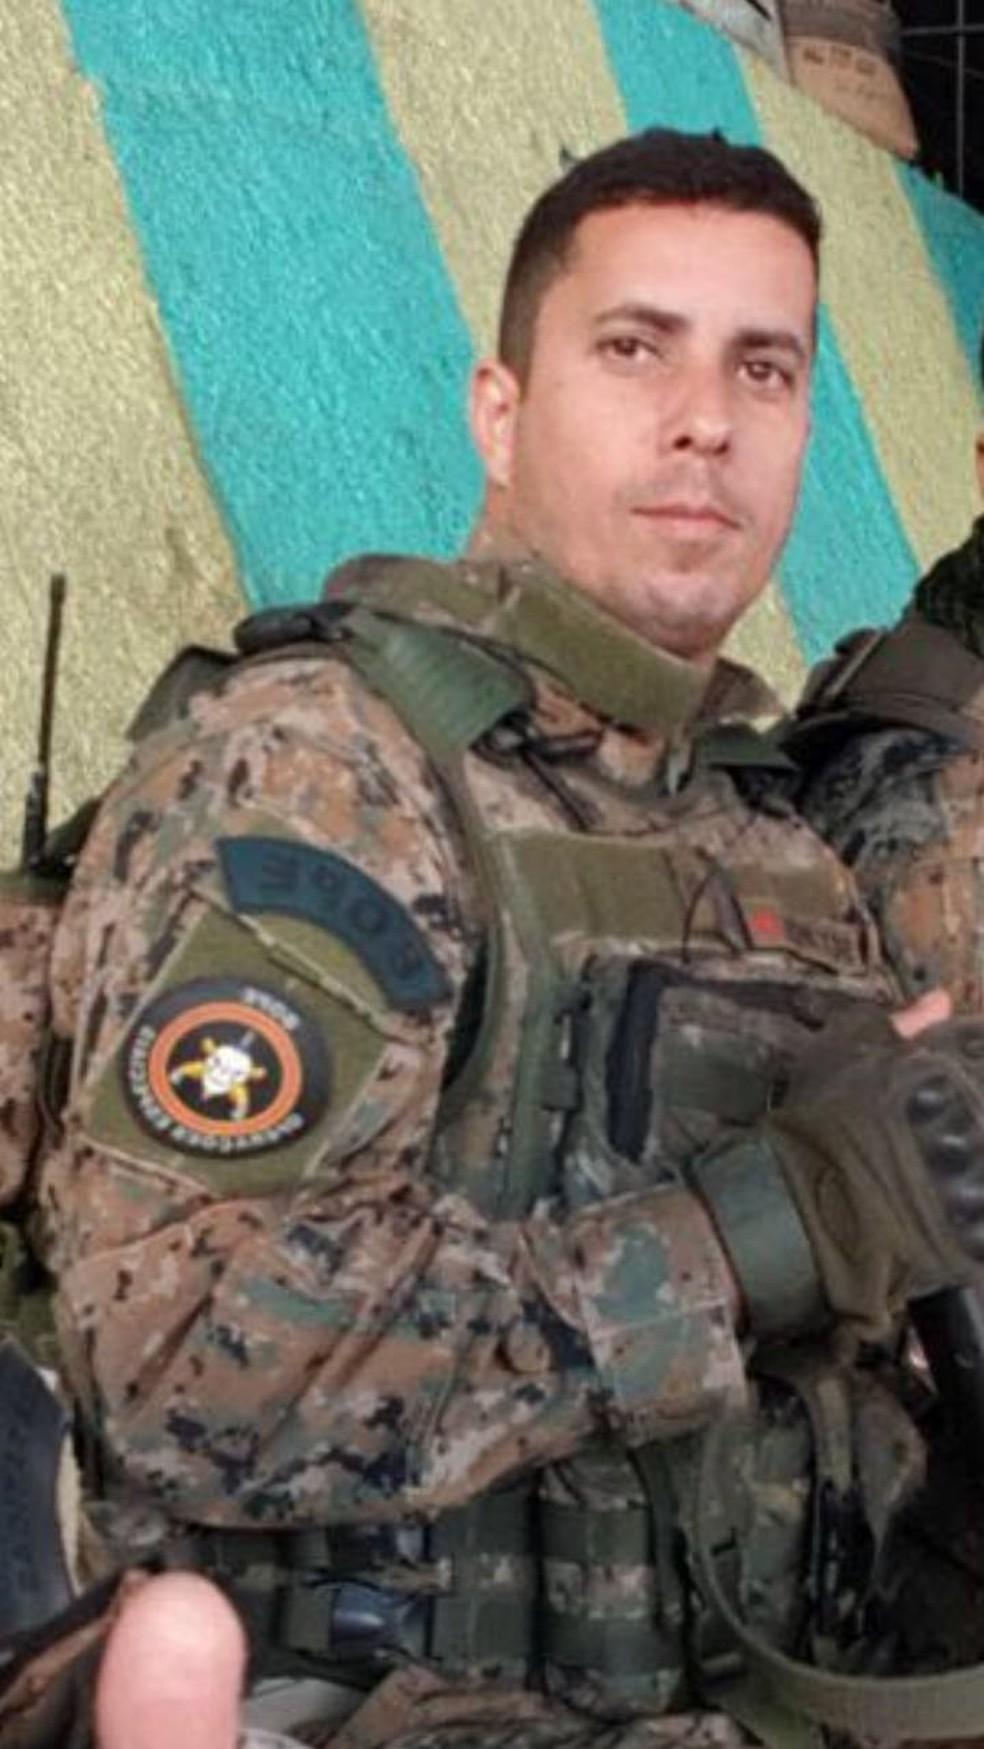 Sargento do Bope é morto na Zona Oeste do Rio (Foto: Divulgação)